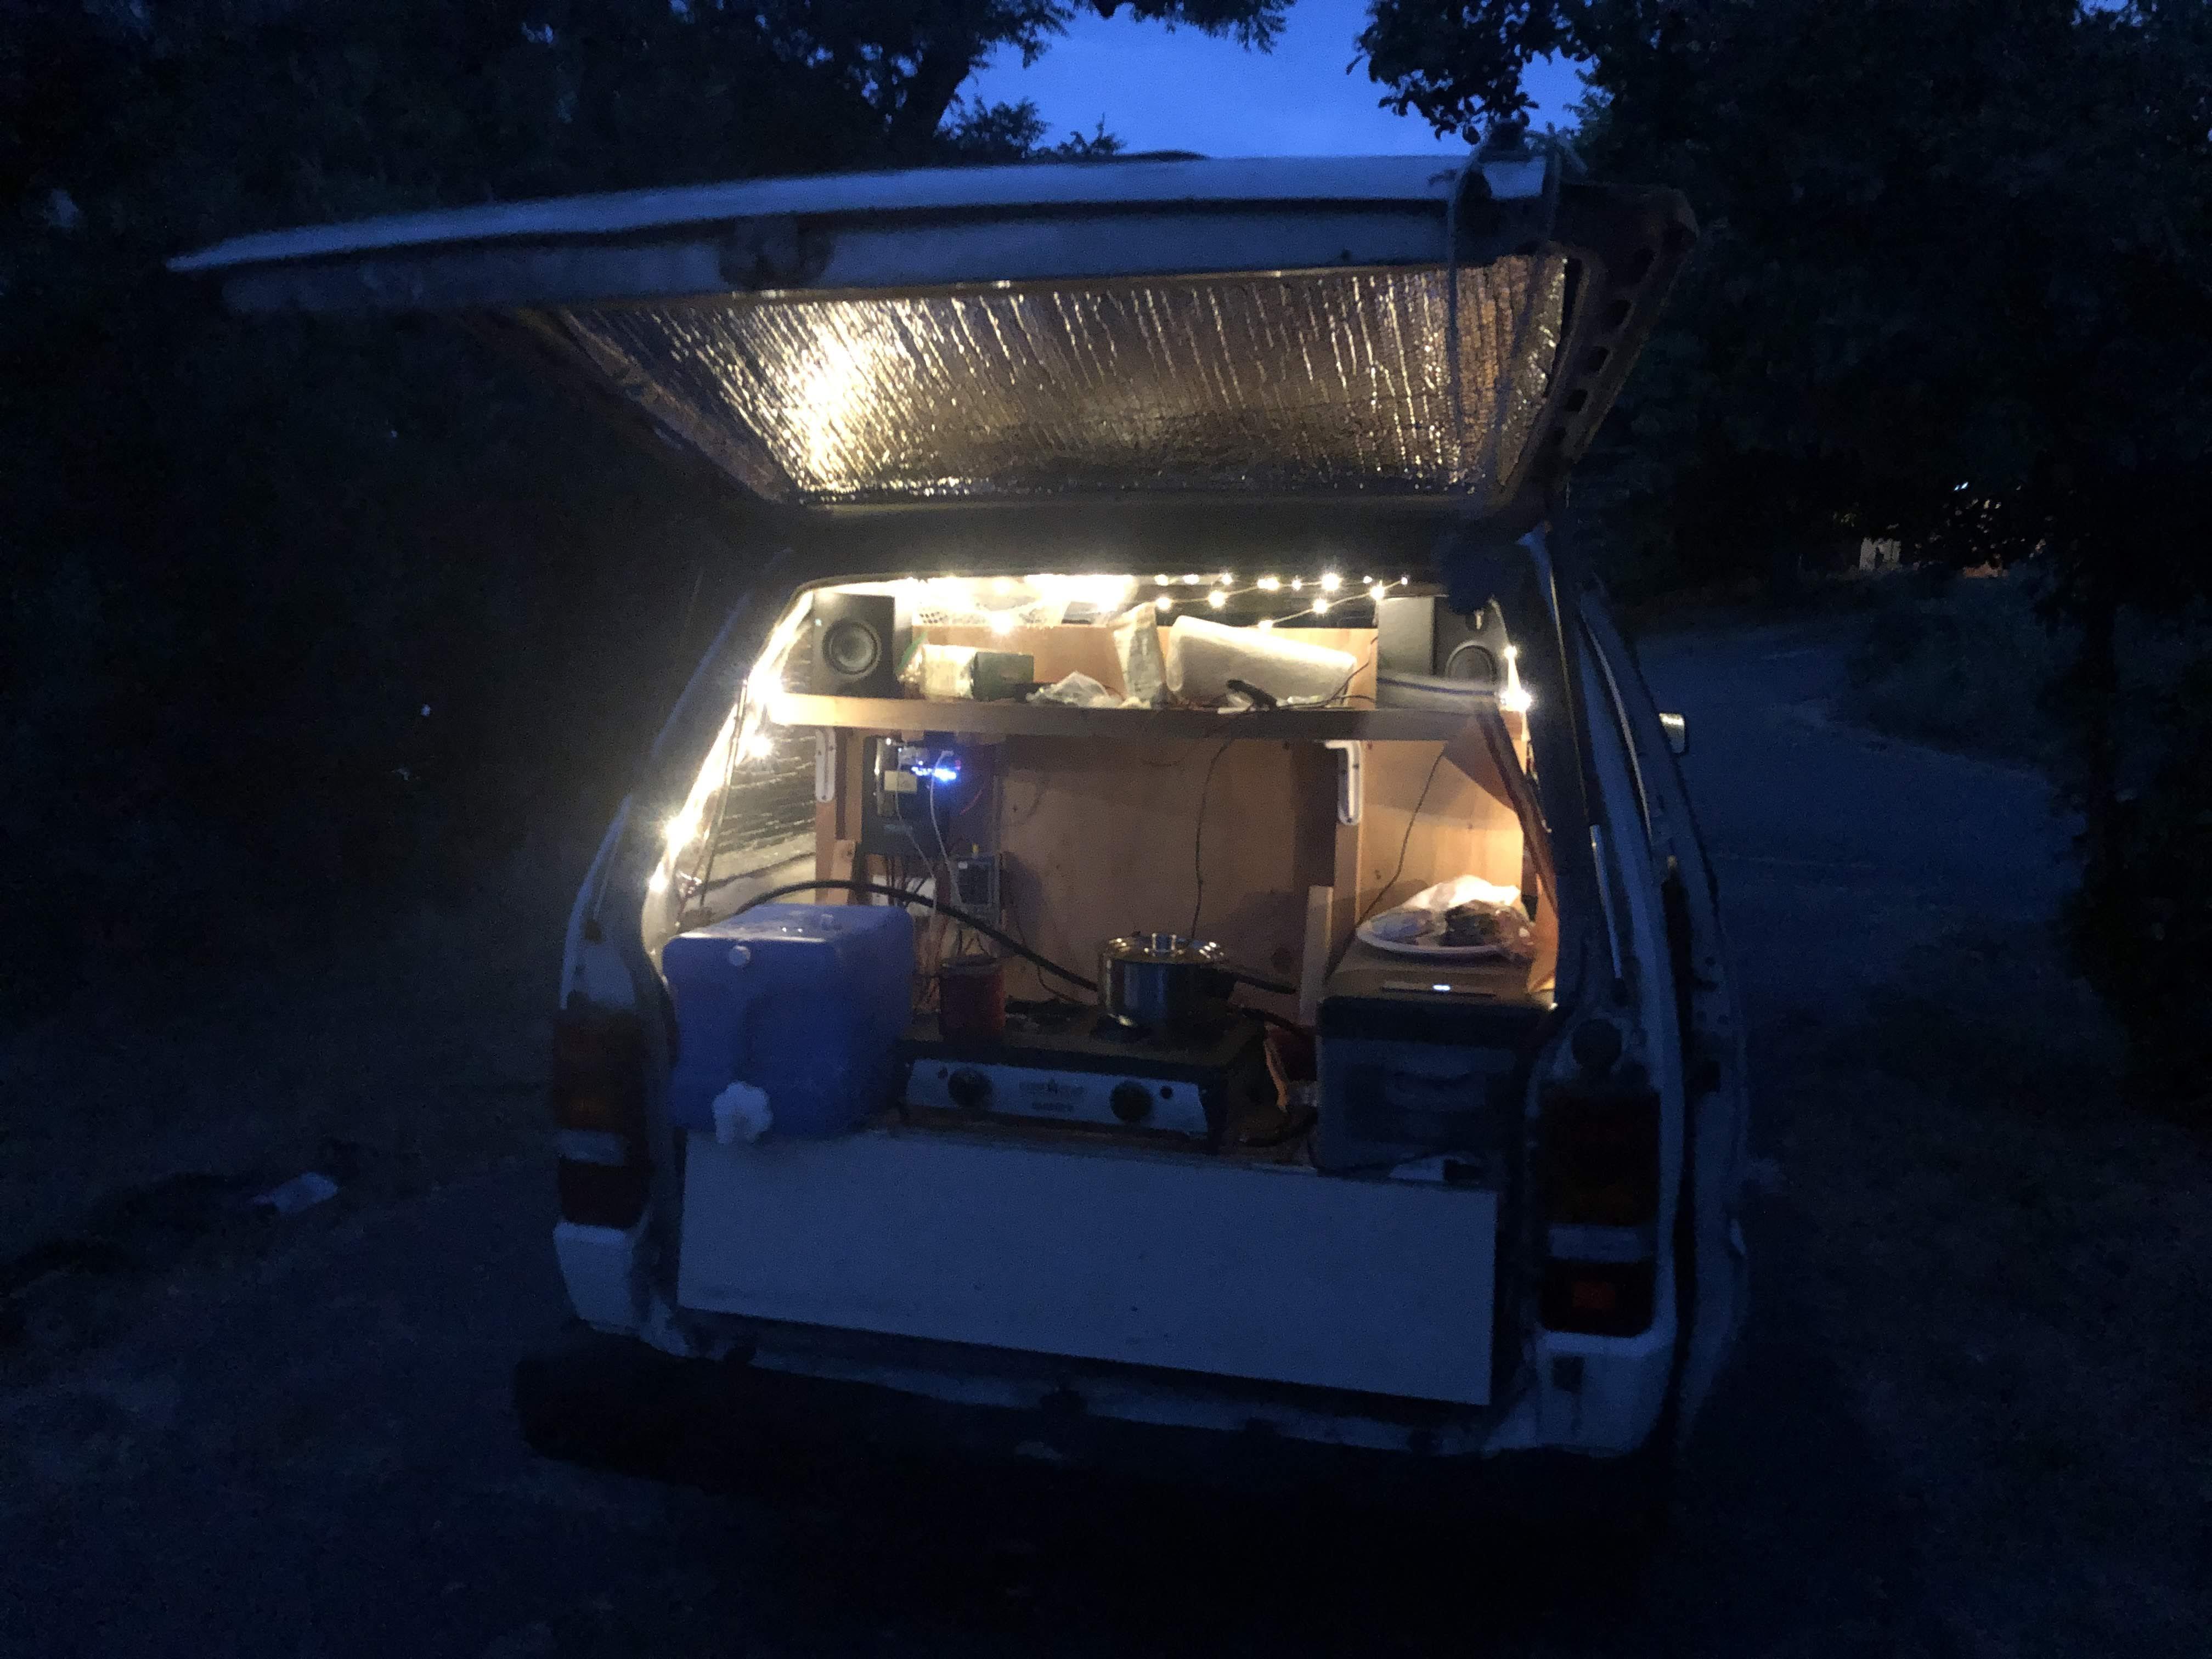 Back of Van at Night w/ 12v Fairy Lights